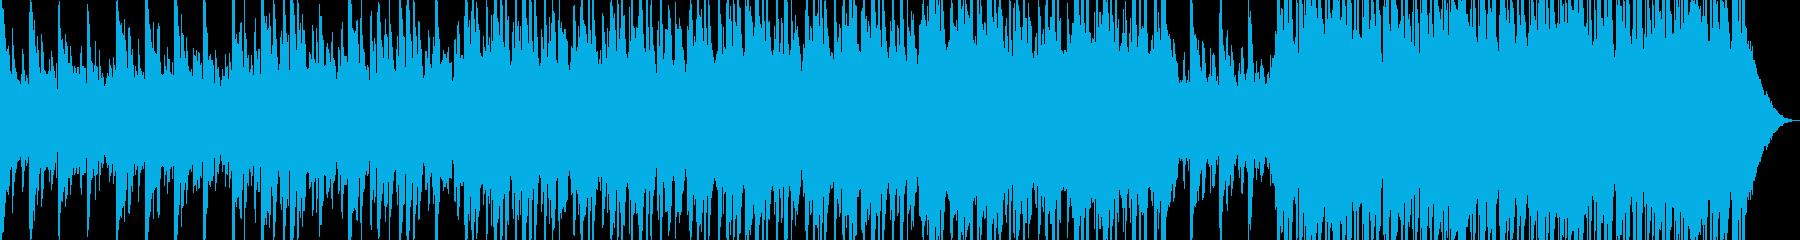 民謡 コーポレート ほのぼの 幸せ...の再生済みの波形